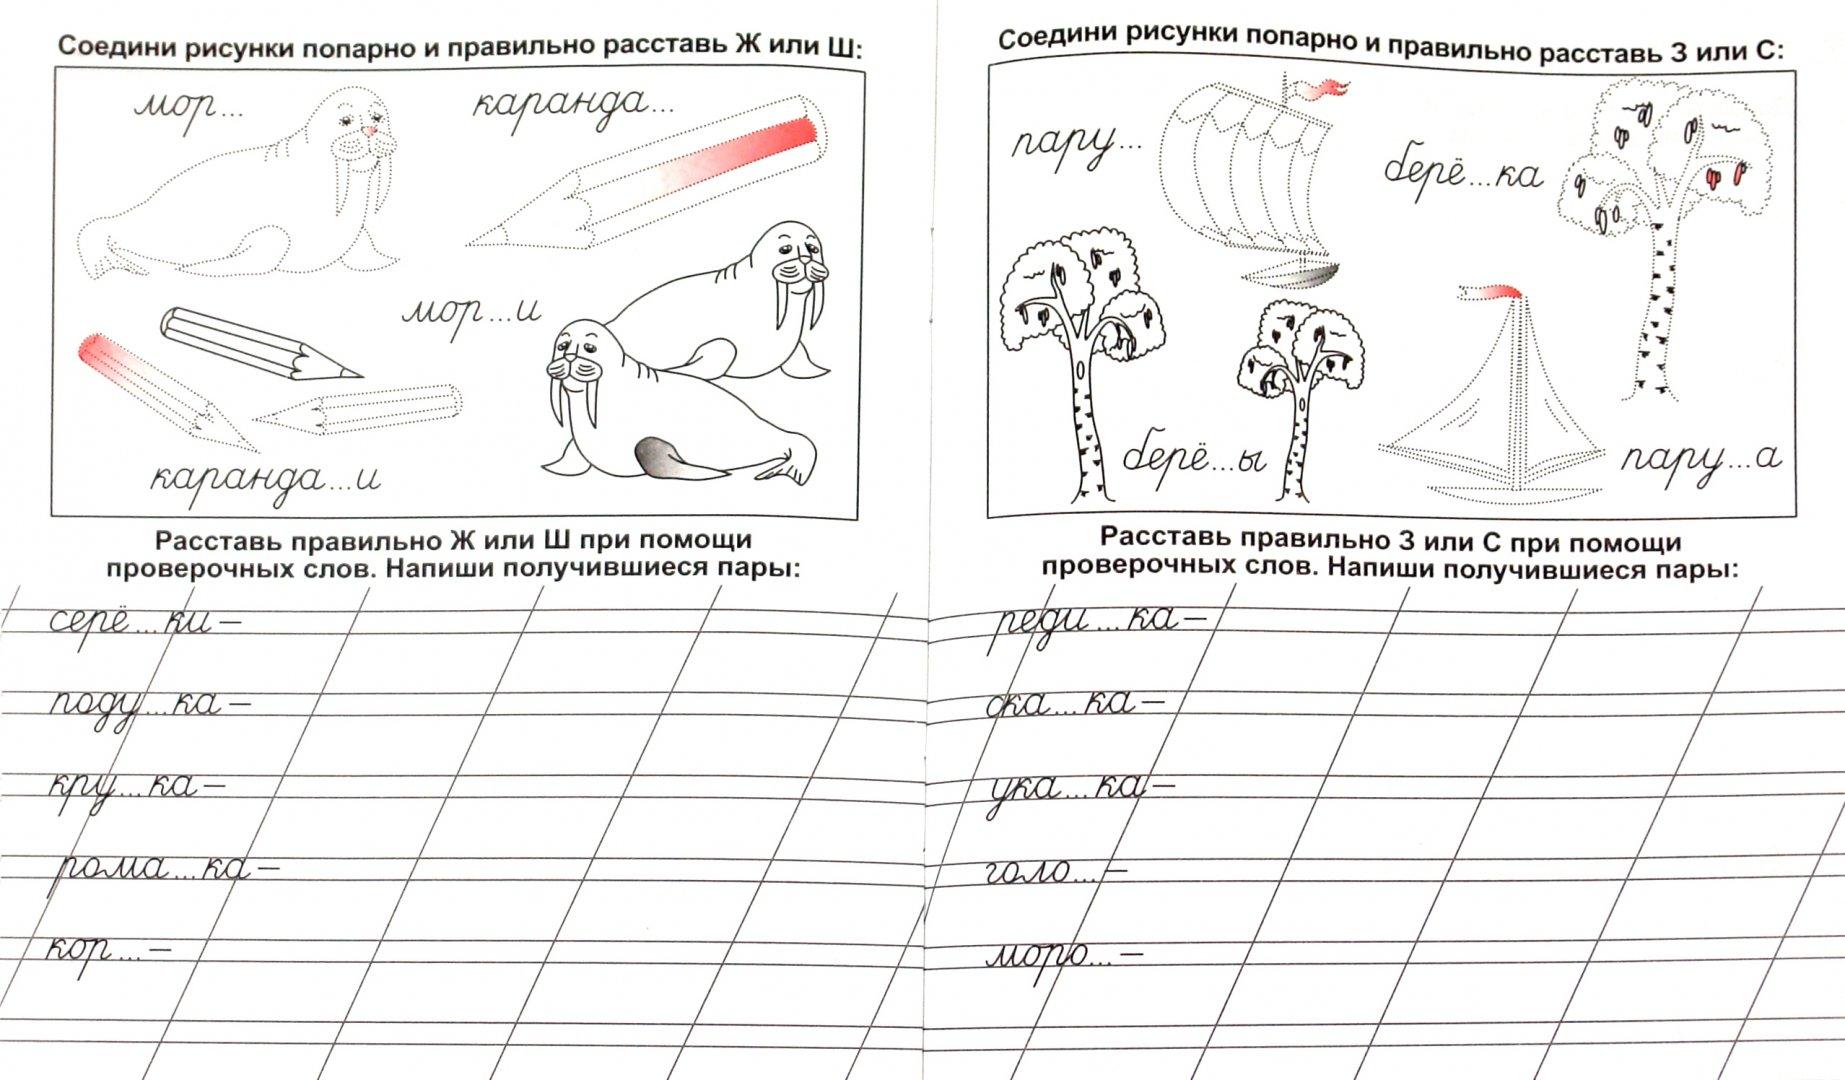 Иллюстрация 1 из 7 для Пропись-словарик. Пишем и запоминаем звонкие и глухие согласные | Лабиринт - книги. Источник: Лабиринт